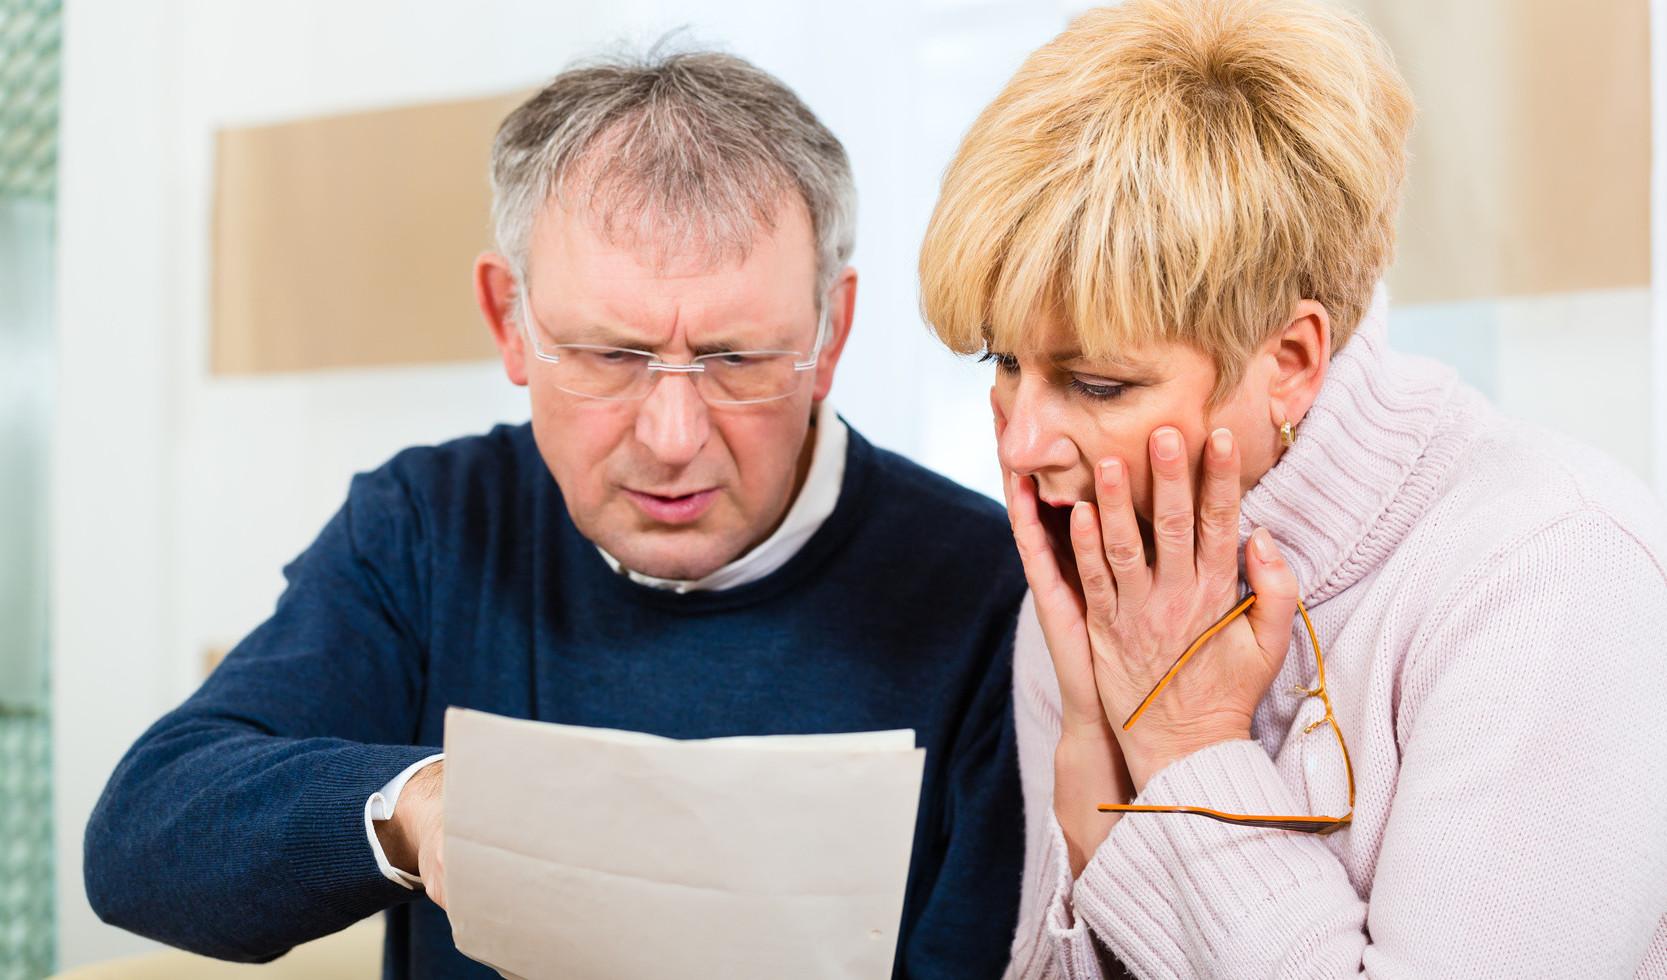 Родителей чуть инфаркт нехватил, когда онипрочитали письмо отдочери